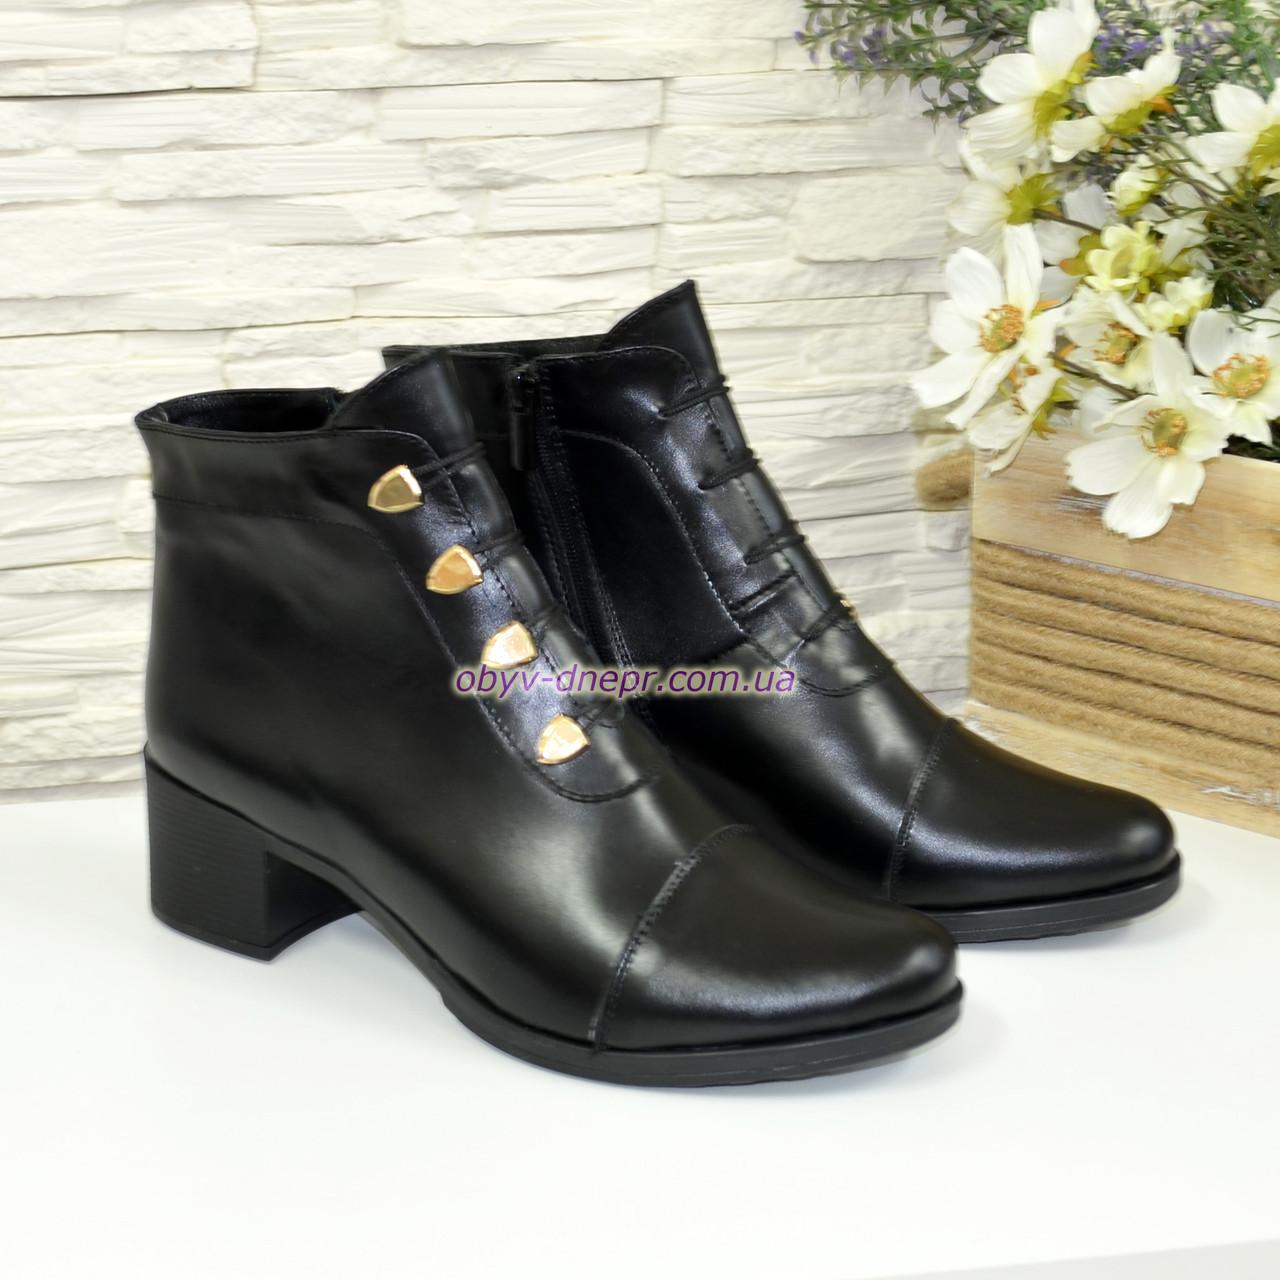 Женские классические зимние ботинки на невысоком каблуке, натуральная кожа